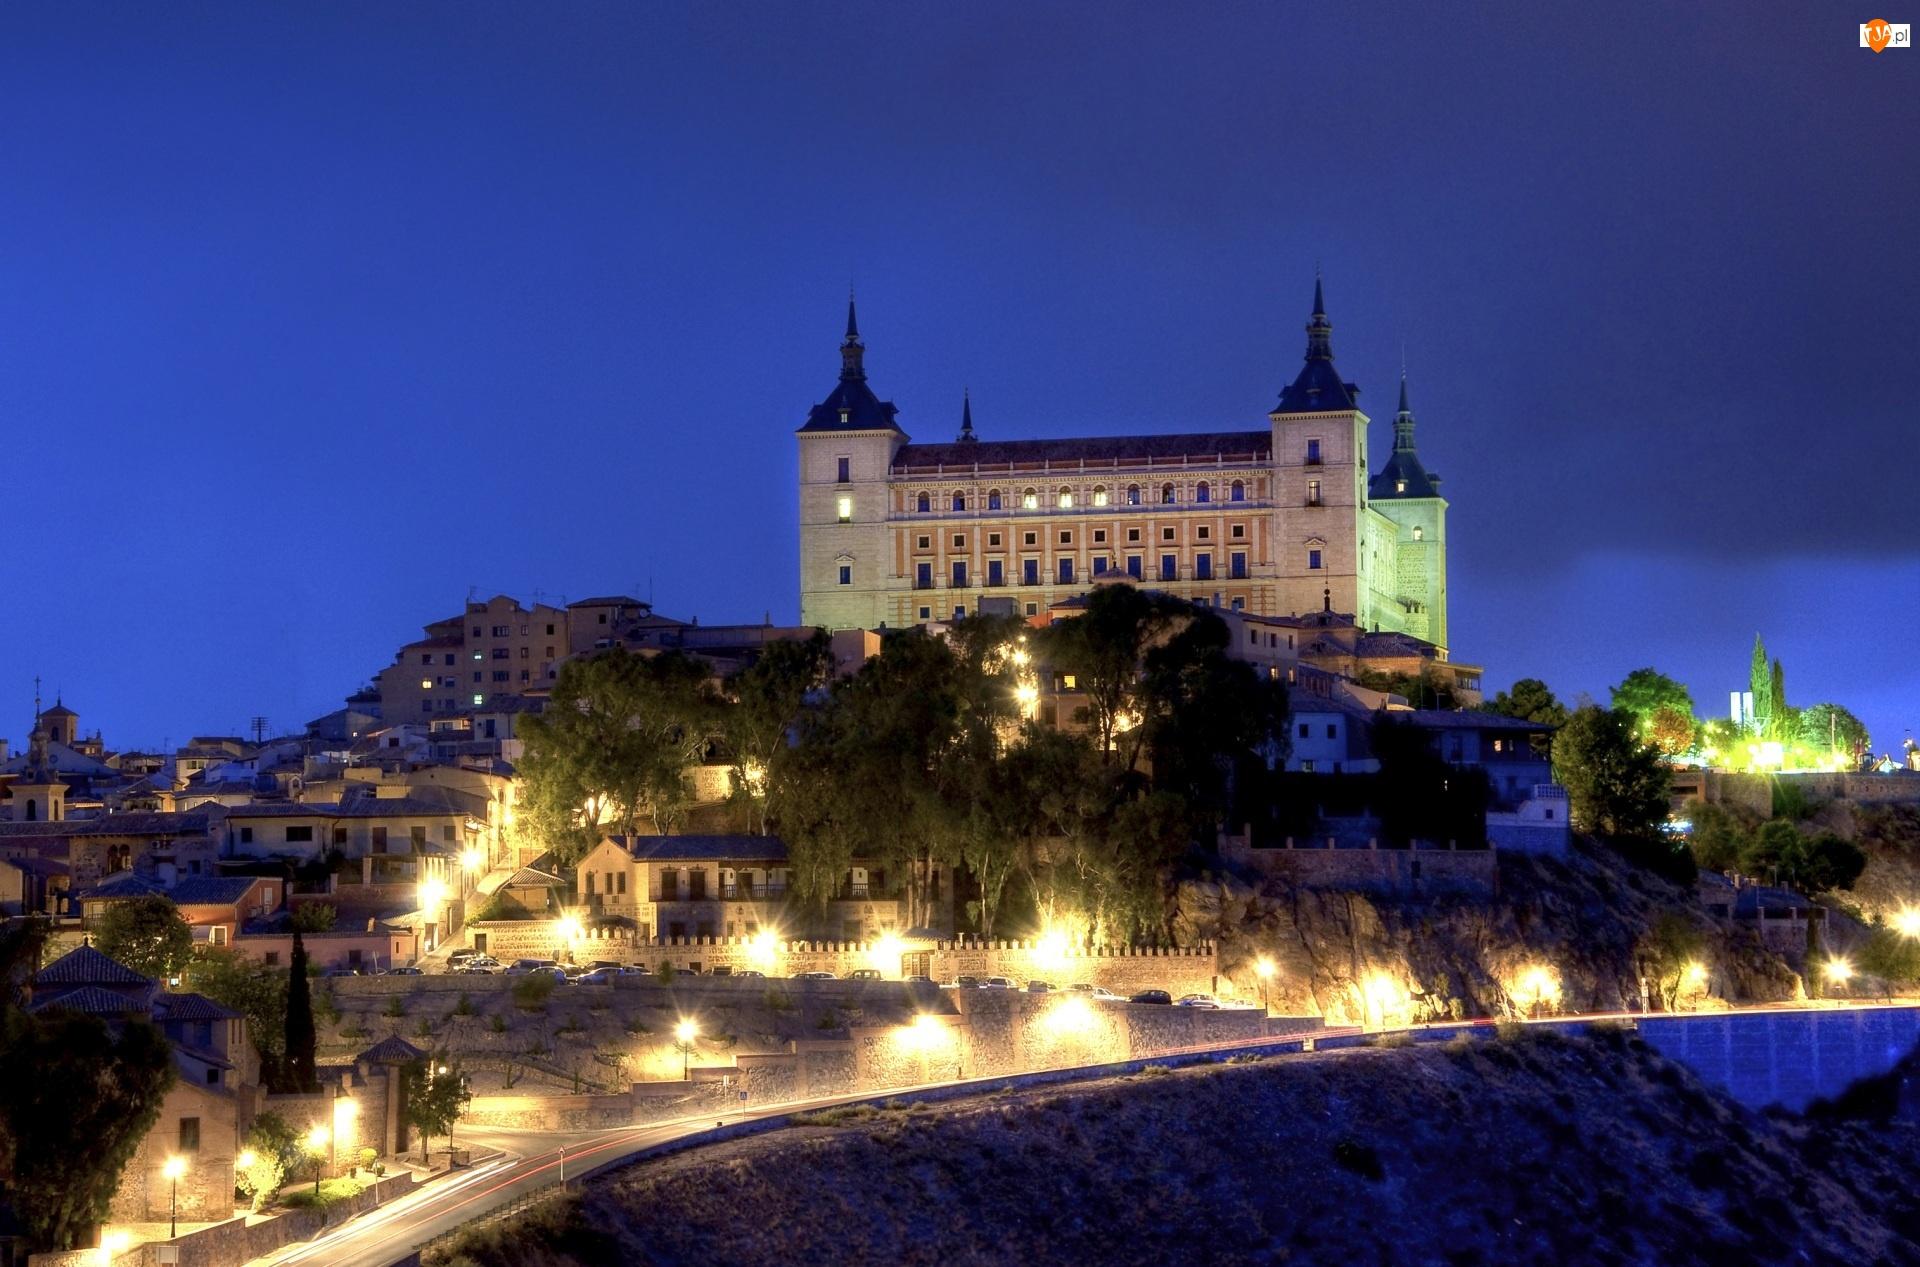 Domy, Światła, Hiszpania, Pałac Królewski Alcazar, Sewilla, Noc